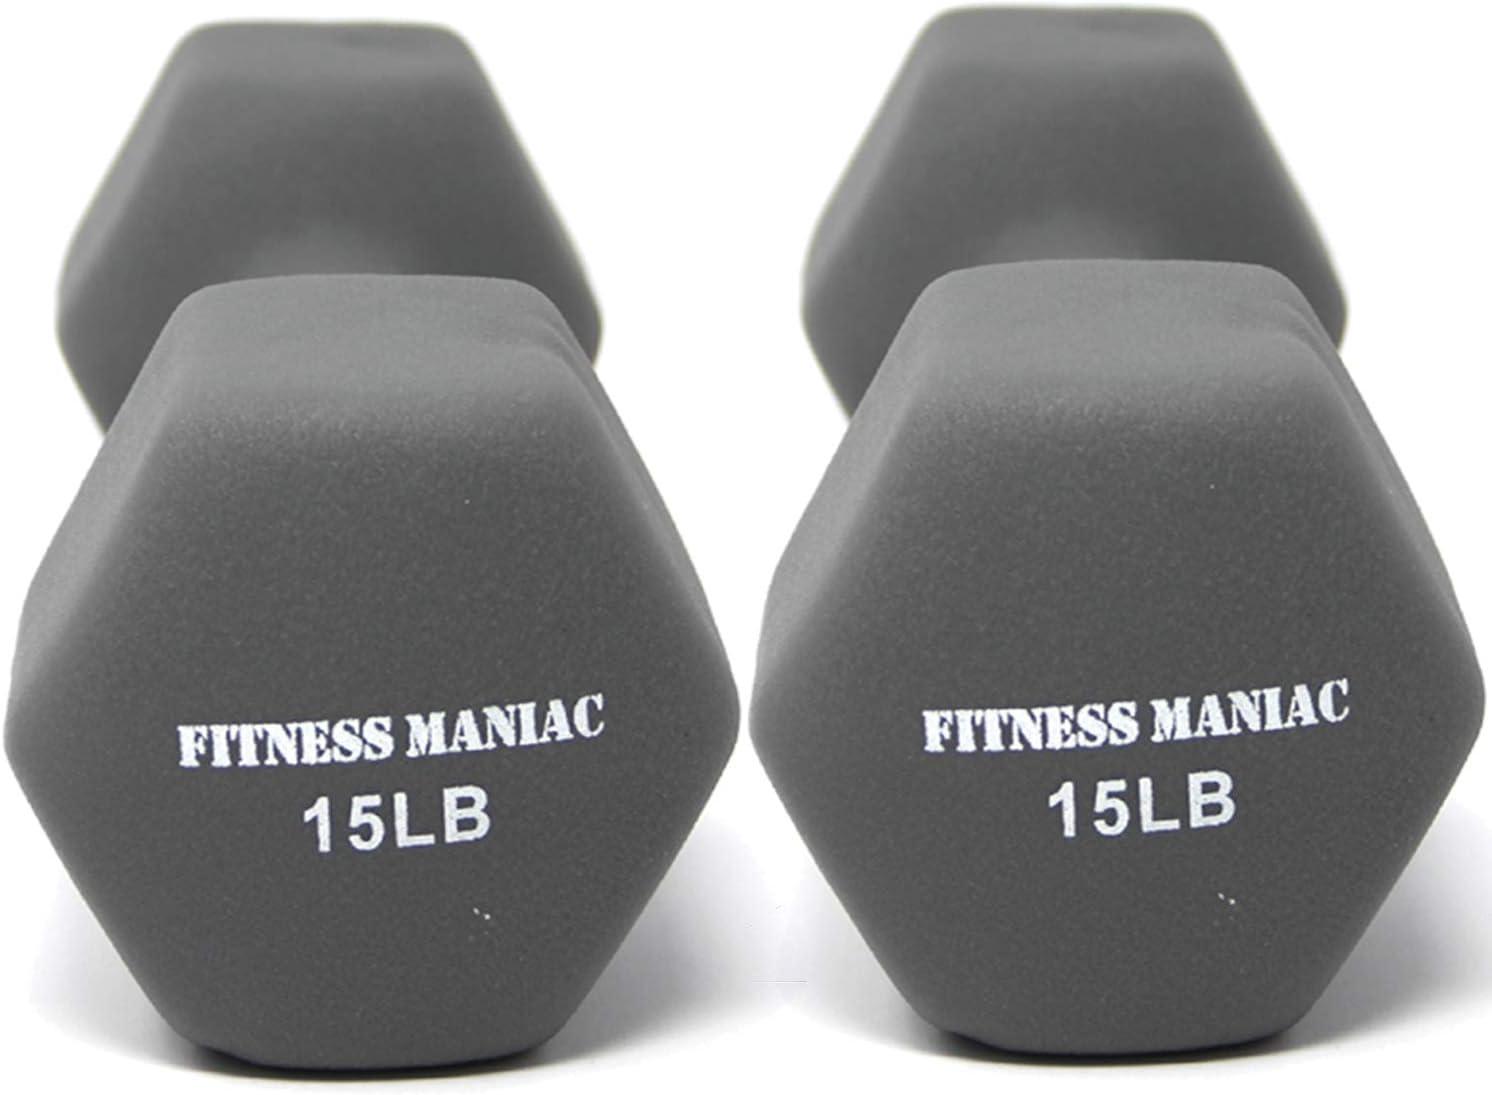 FITNESS Maniac - Juego de mancuernas de neopreno antideslizantes para levantamiento de pesas, peso pesado, 15 lb, par de mancuernas de entrenamiento para gimnasio en casa, fitness, entrenamiento de fuerza, musculación, hombro,